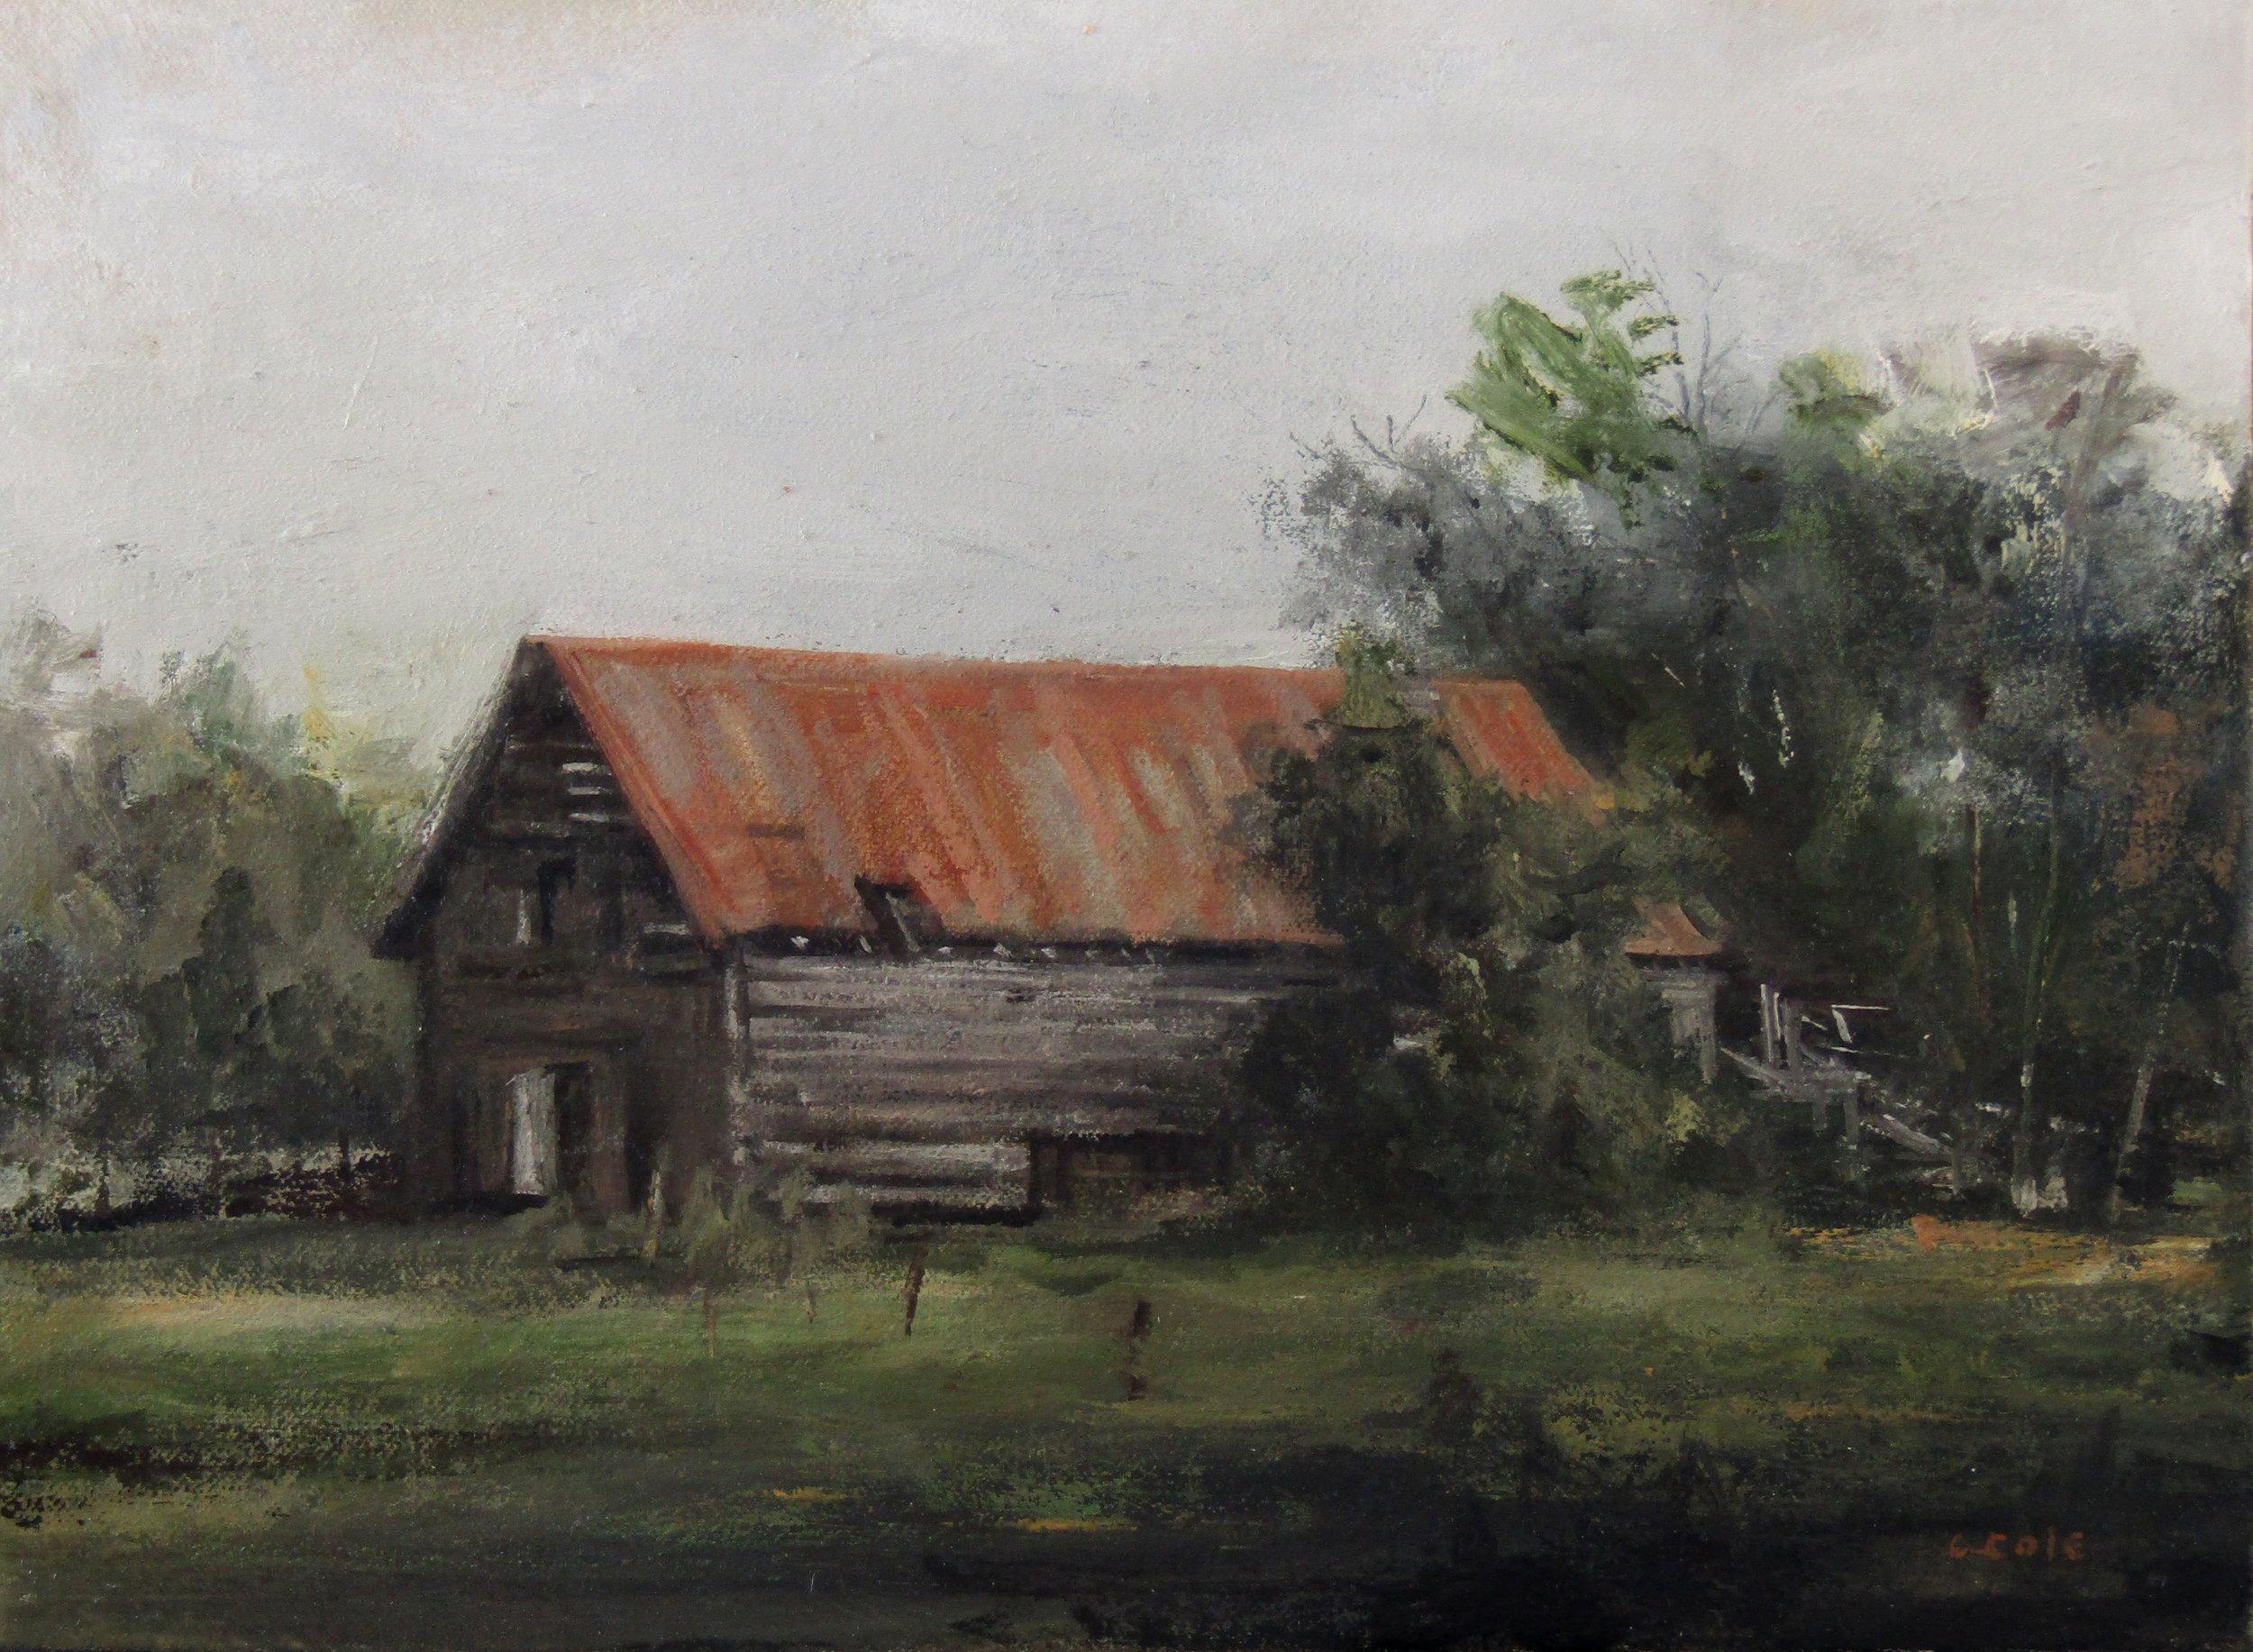 Ninety Six Barn